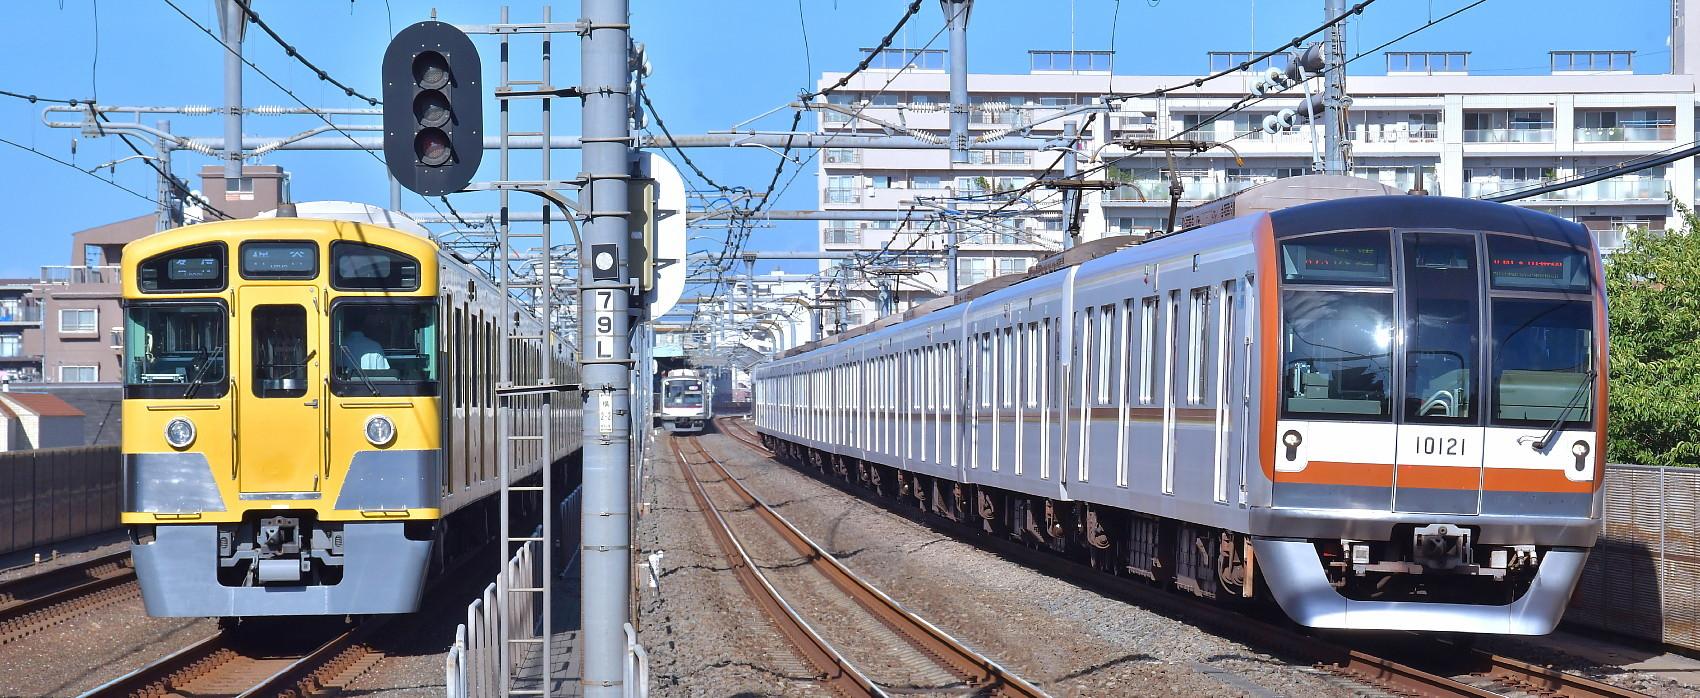 2018年西武電車図鑑(1)池袋線_a0251146_12333329.jpg